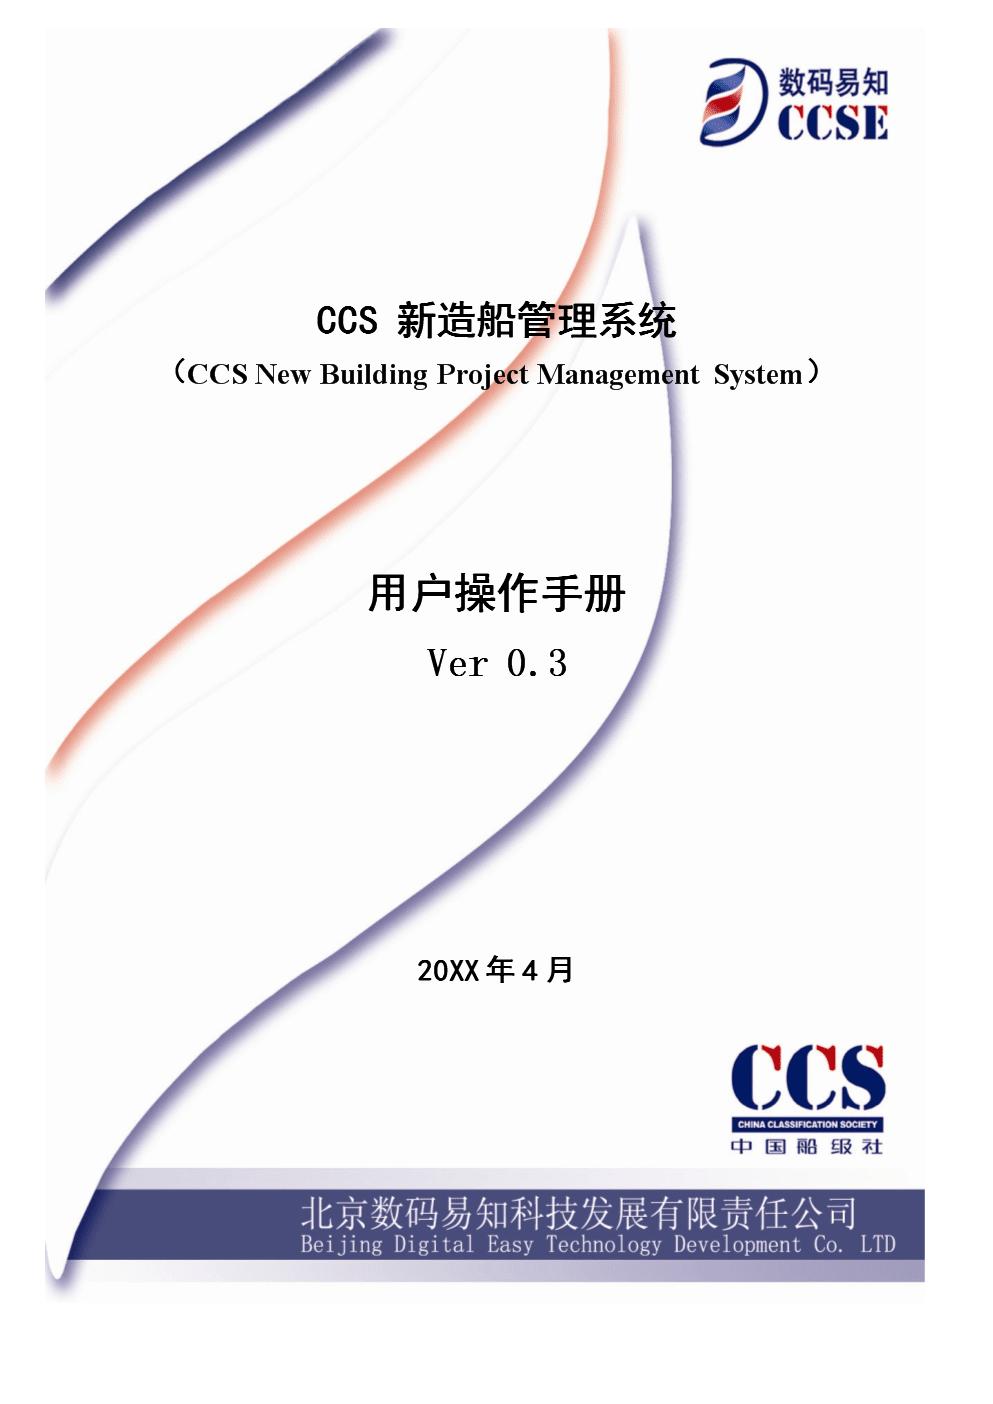 新造船统一标准管理系统操作基础手册.doc